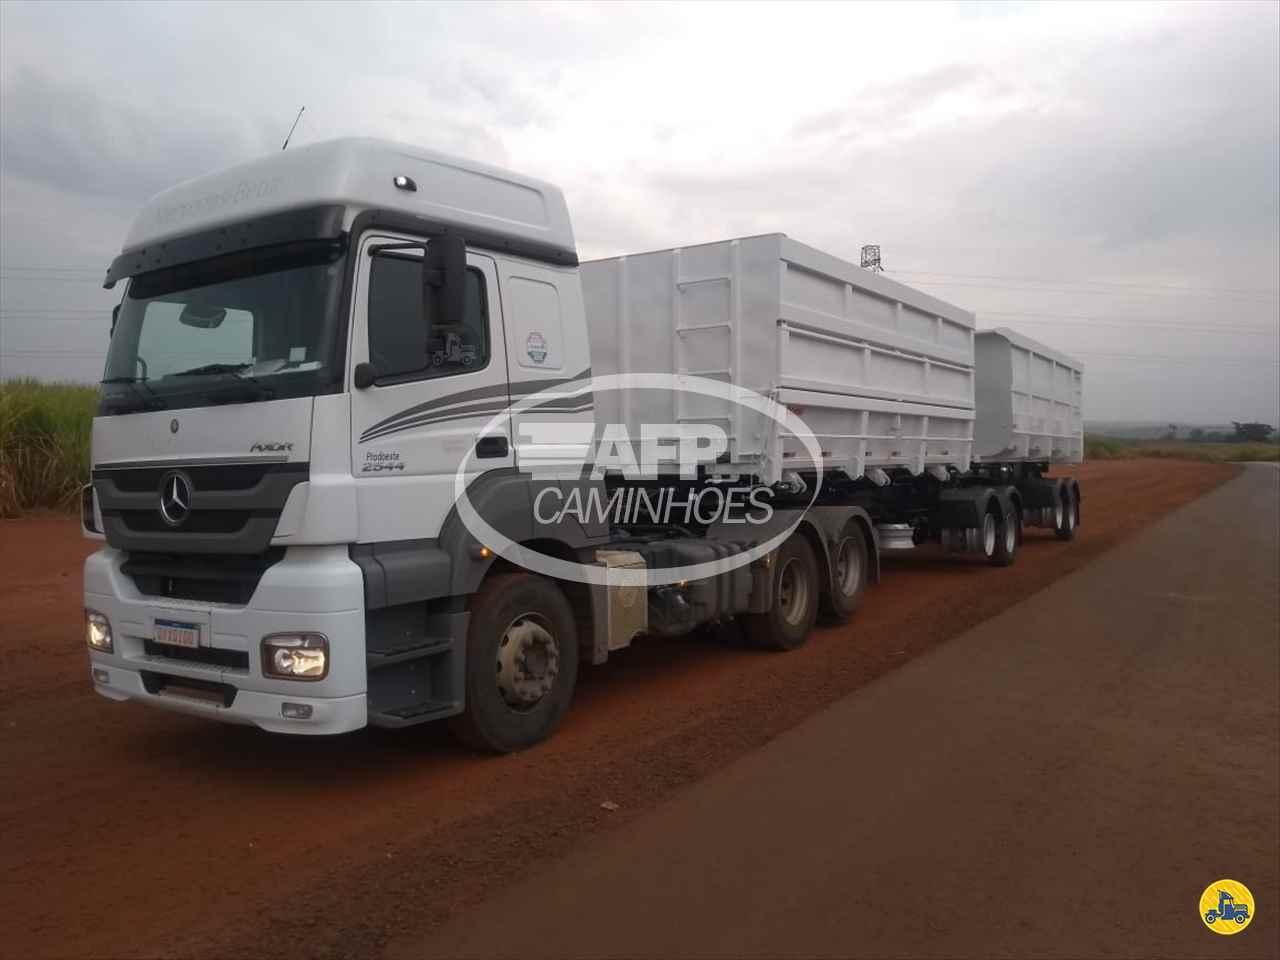 CAMINHAO MERCEDES-BENZ MB 2544 Cavalo Mecânico Truck 6x2 AFP Caminhões UBERLANDIA MINAS GERAIS MG